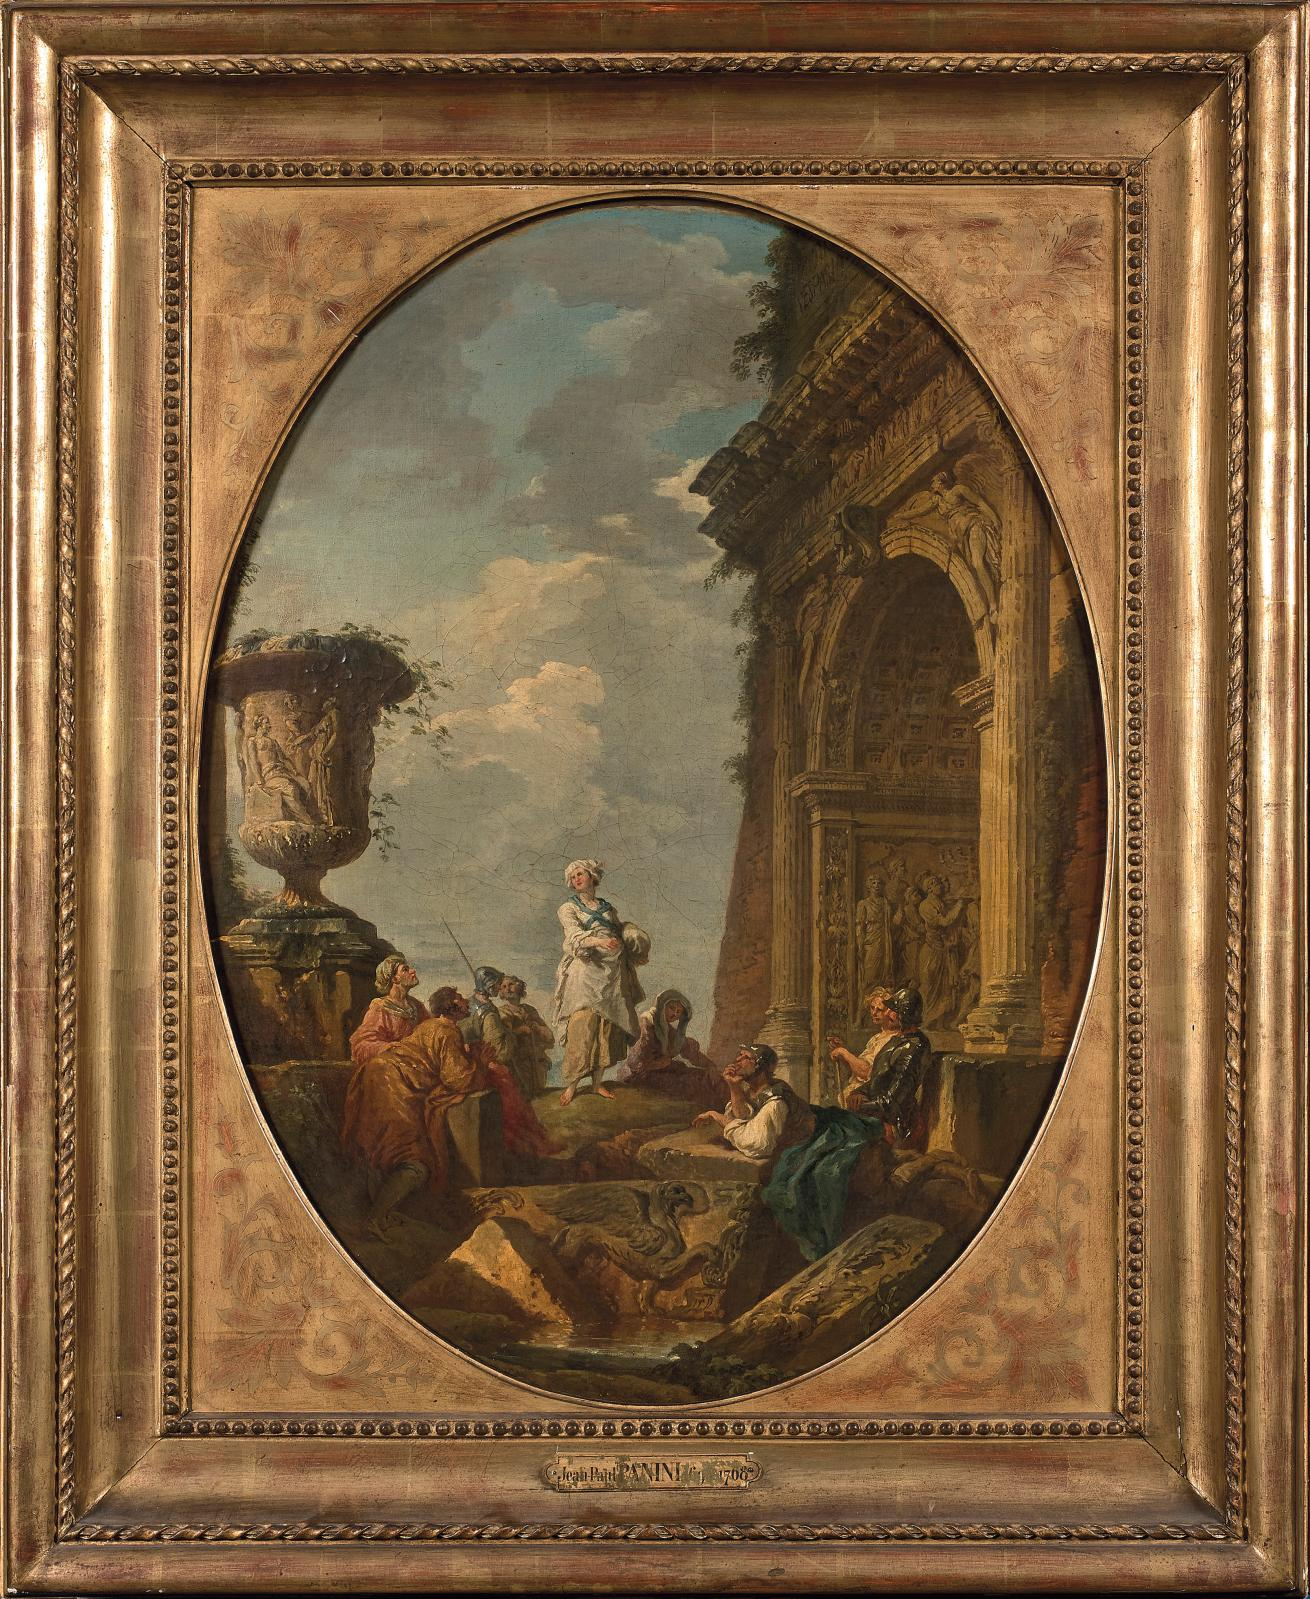 Les deux huiles sur toile de Giovanni Paolo Panini (1691-1765) étaient vendues ensemble pour 177240€. Le sujet de l'une était Sibylle vêtue de blanc